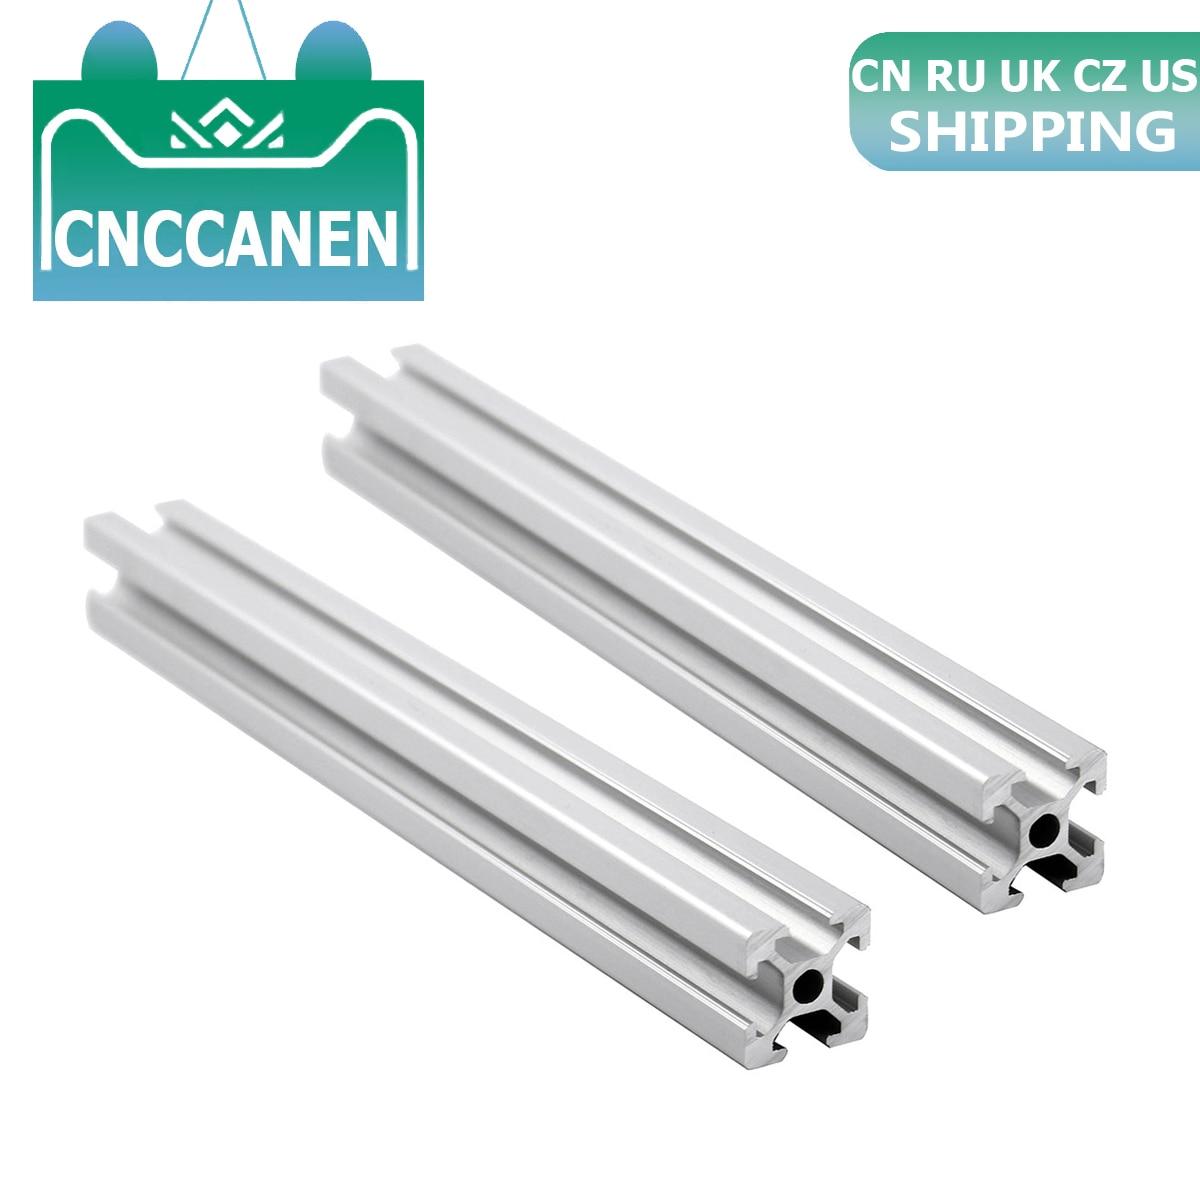 2PCS 2020 Aluminium Profil Extrusion 2020 Europäischen Standard Linear Schiene 100mm zu 2000mm Länge für CNC 3D drucker Teile CZ UK UNS